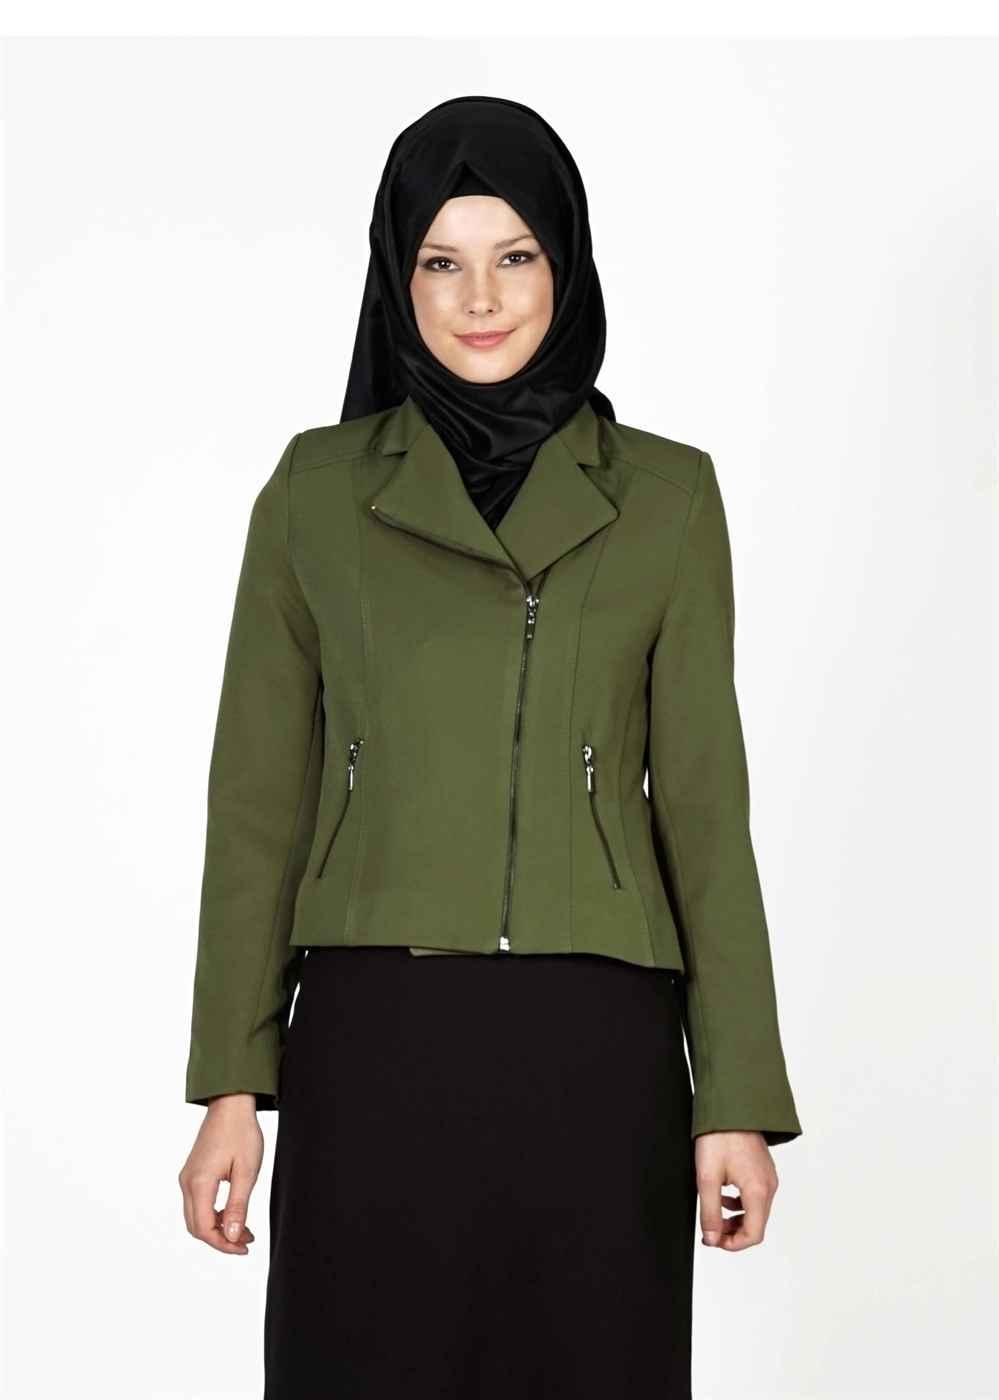 Haki Yeşili Tesettür Kısa Ceket Modelleri